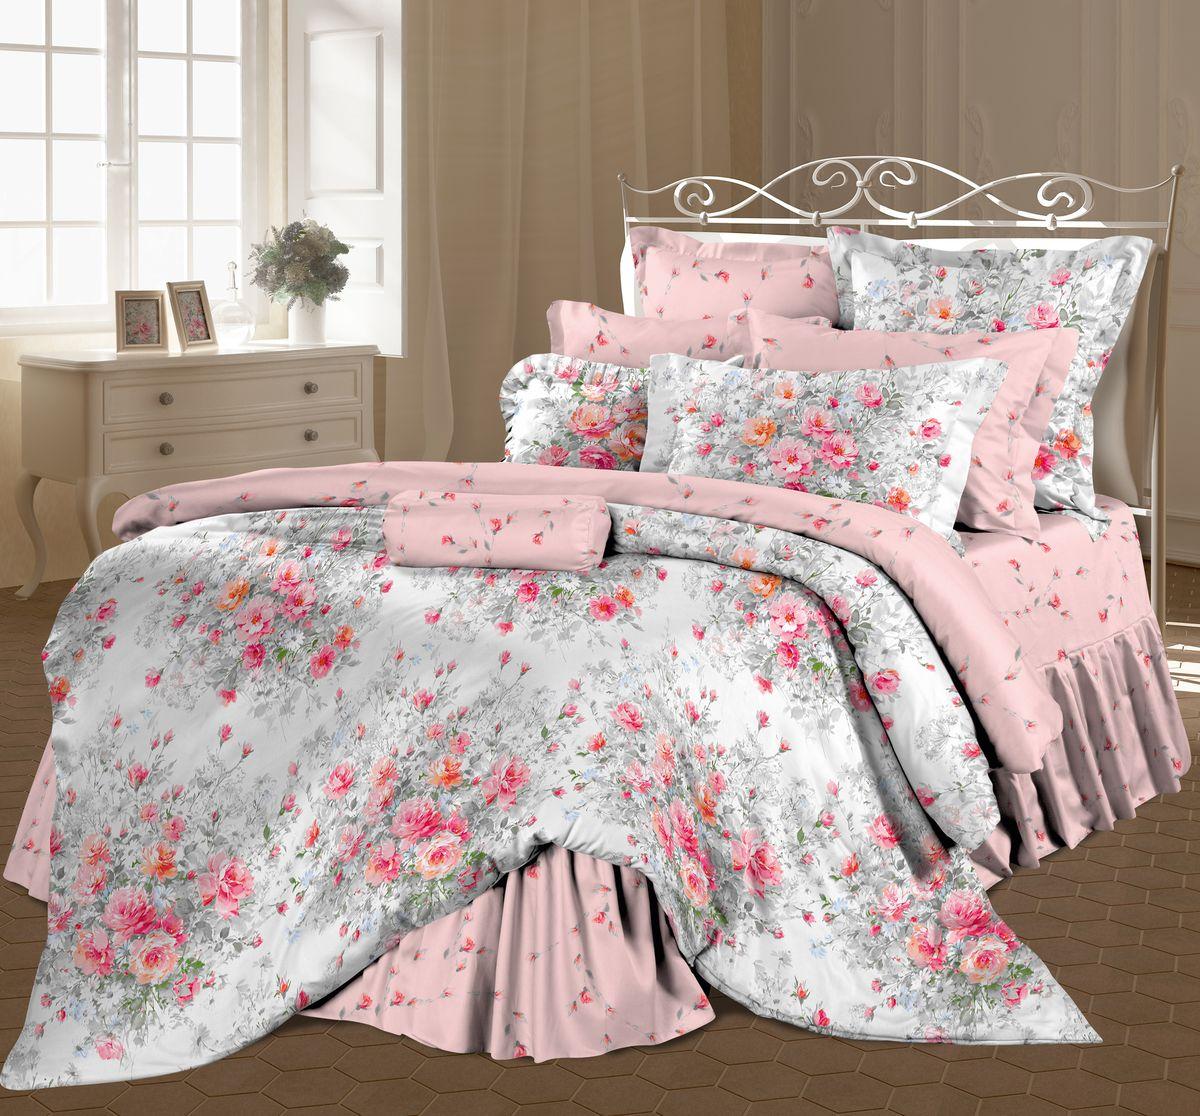 Комплект белья Романтика Французский букет, семейный, наволочки 70 x 70, цвет: розовый. 298699298699